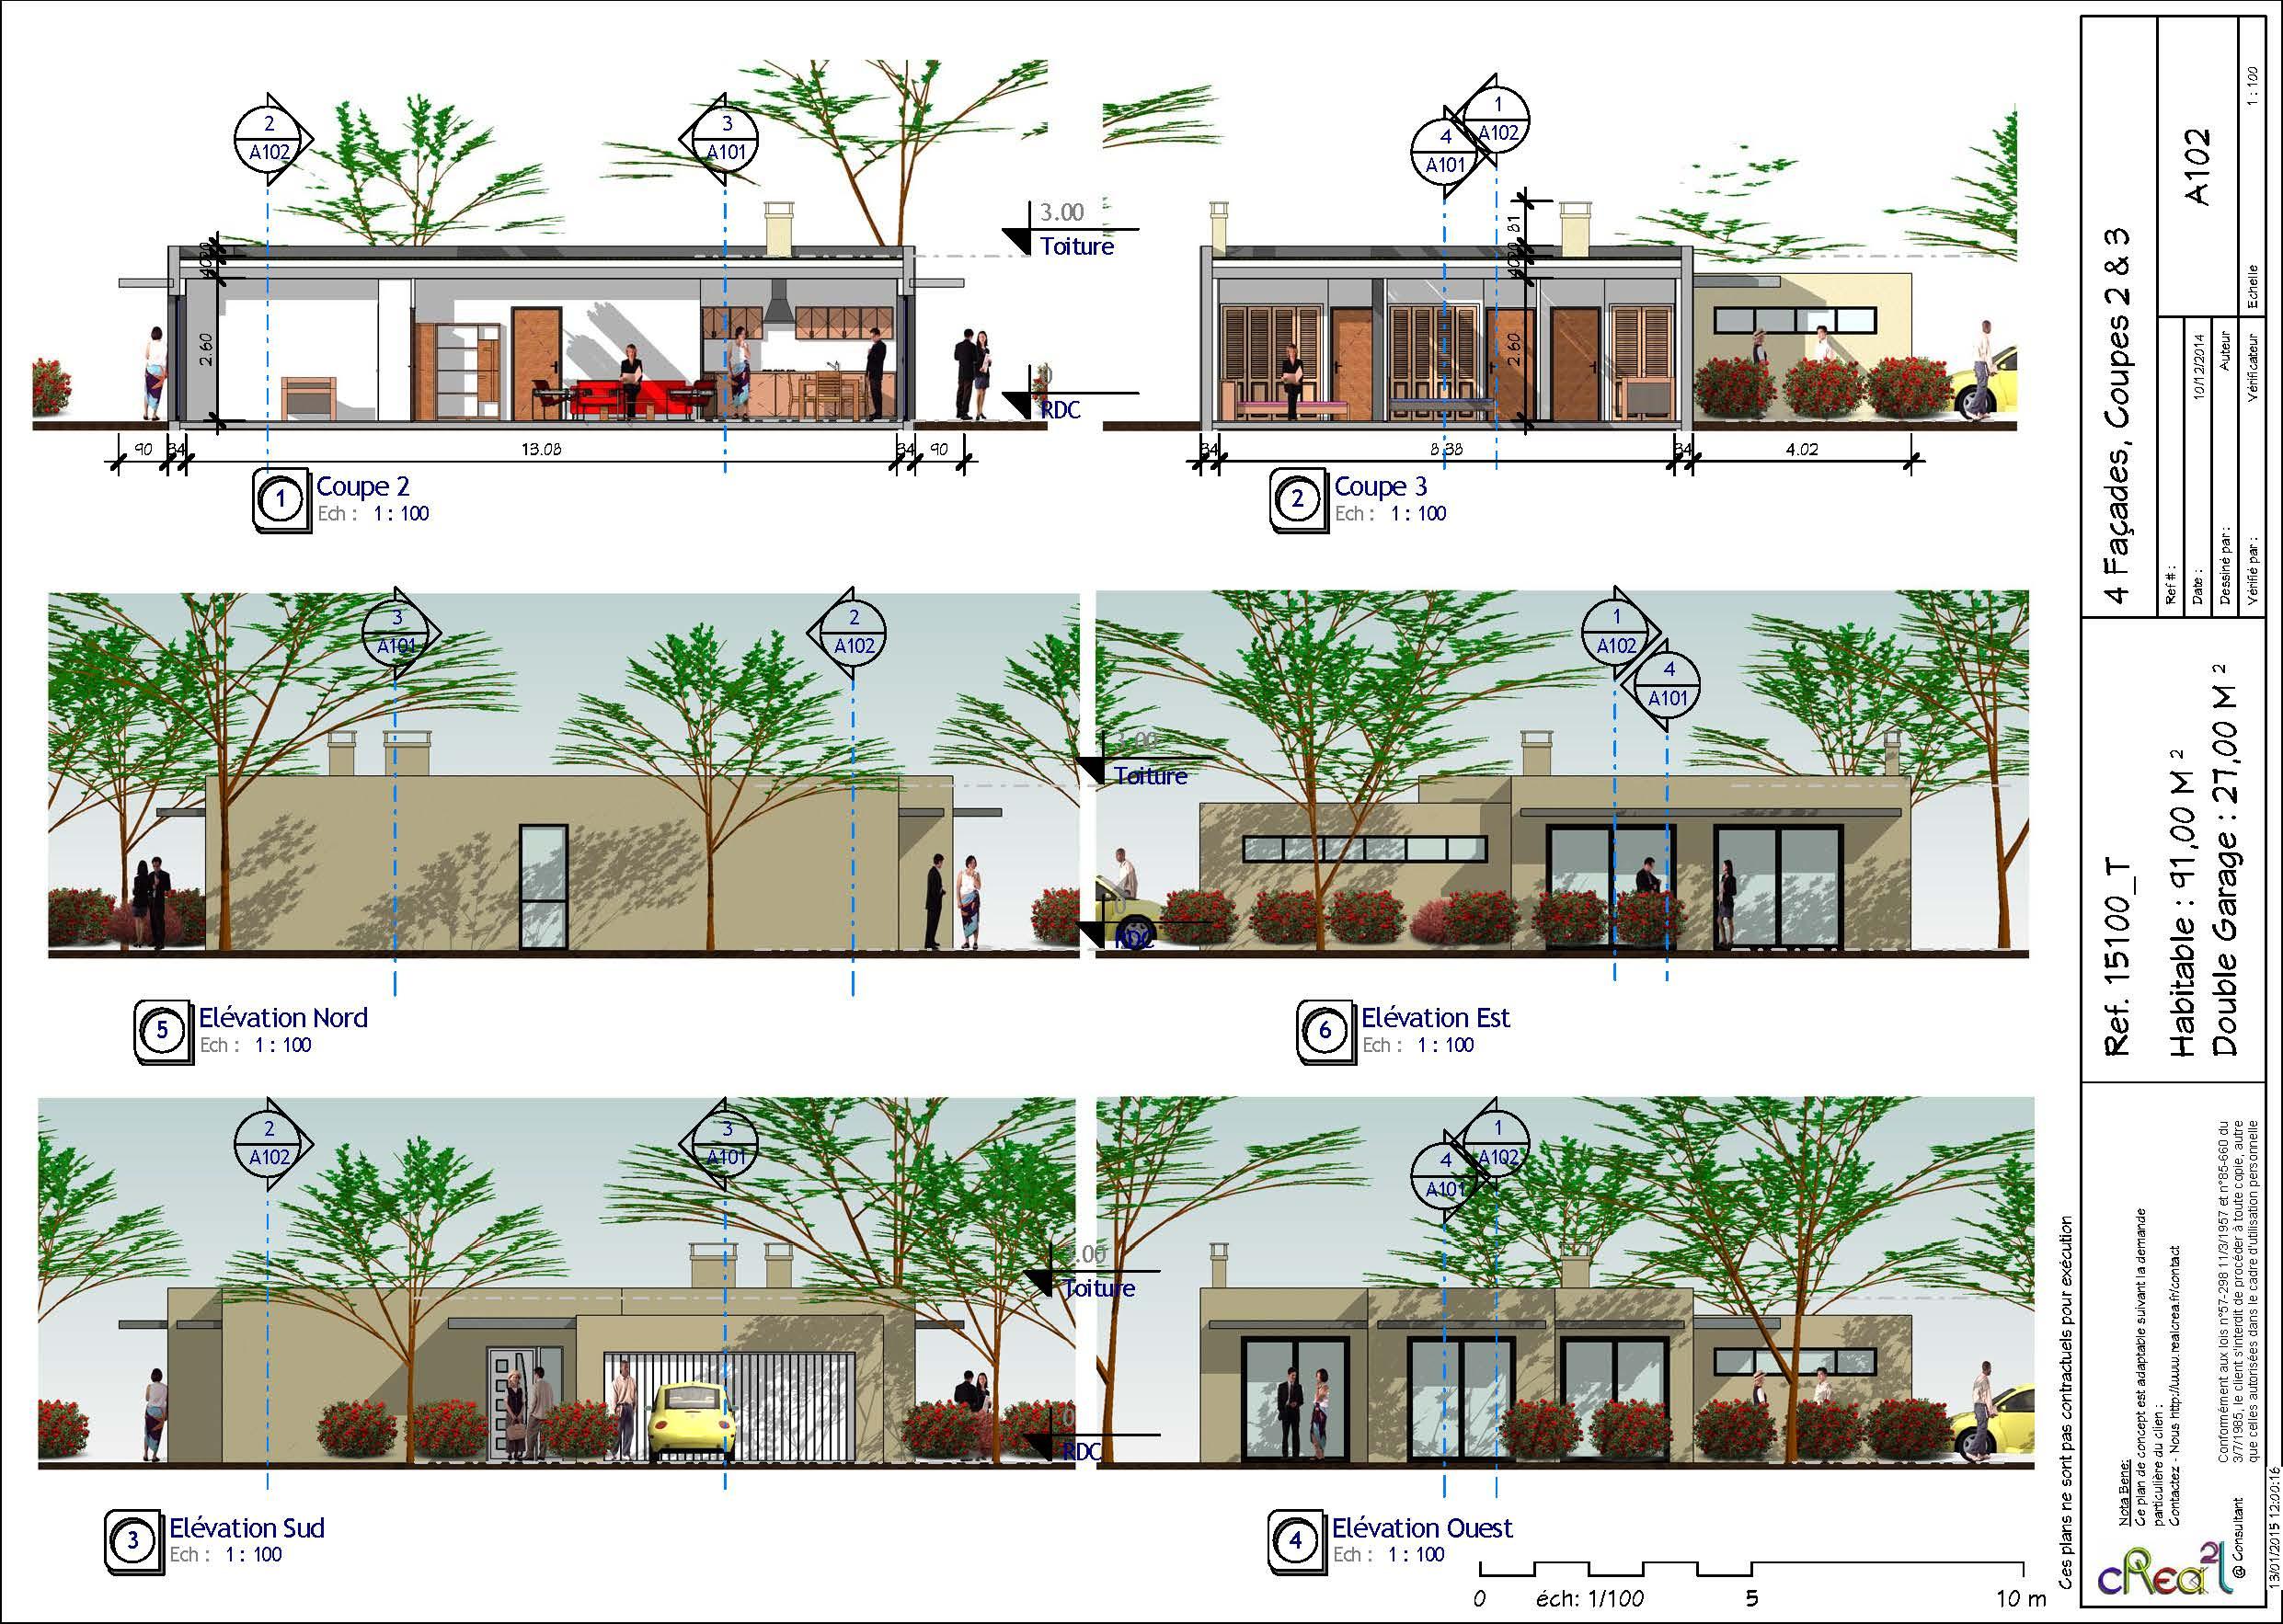 Plan maison moderne plain pied toit plat mc immo for Plan maison contemporaine plain pied toit plat